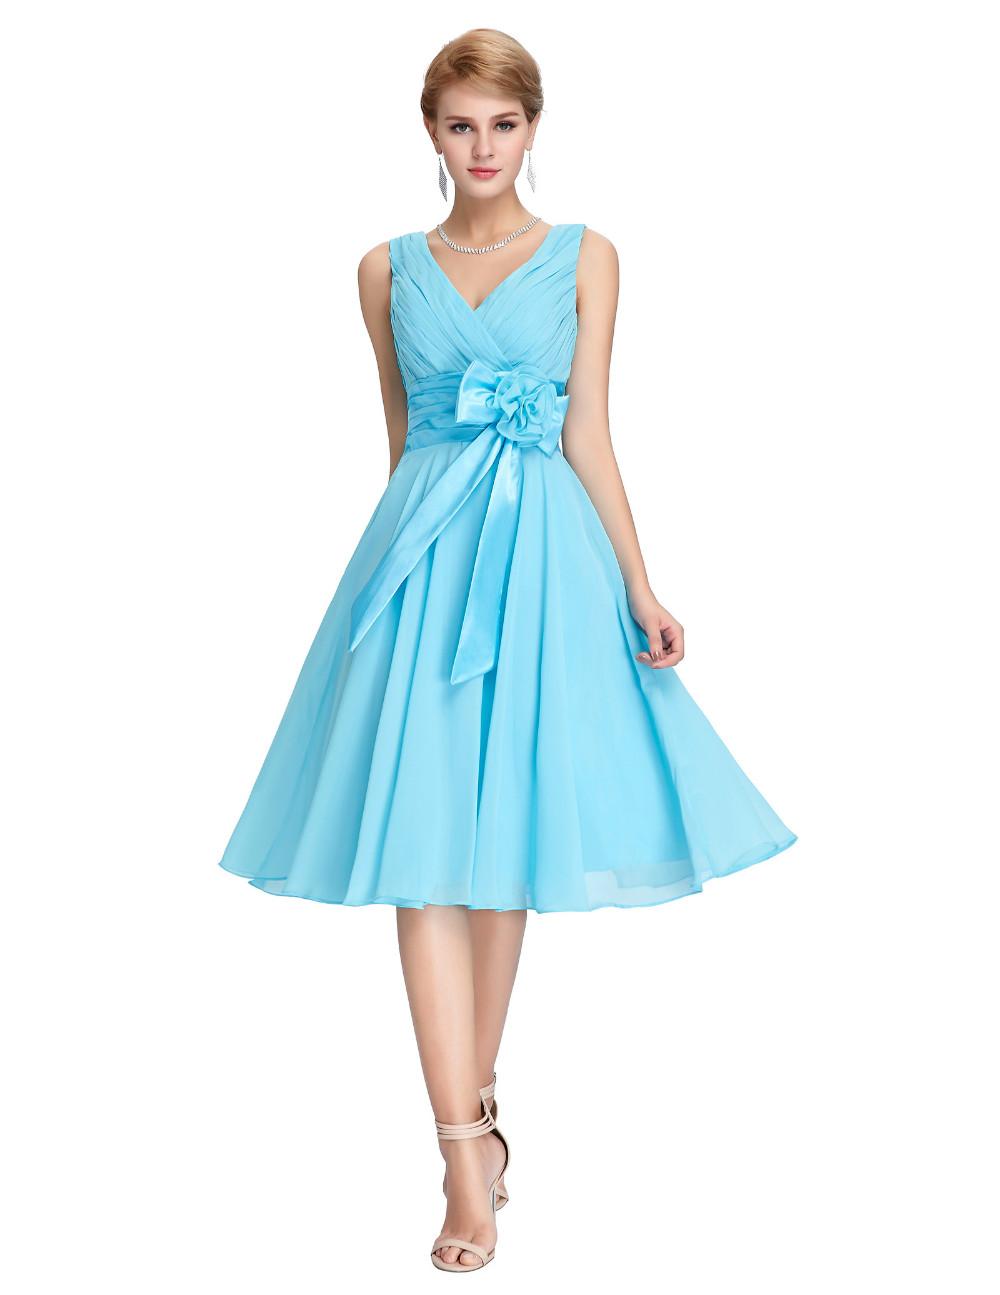 HTB1KNzYMVXXXXcJXFXXq6xXFXXX3Knee Length Short Chiffon Blue Dress